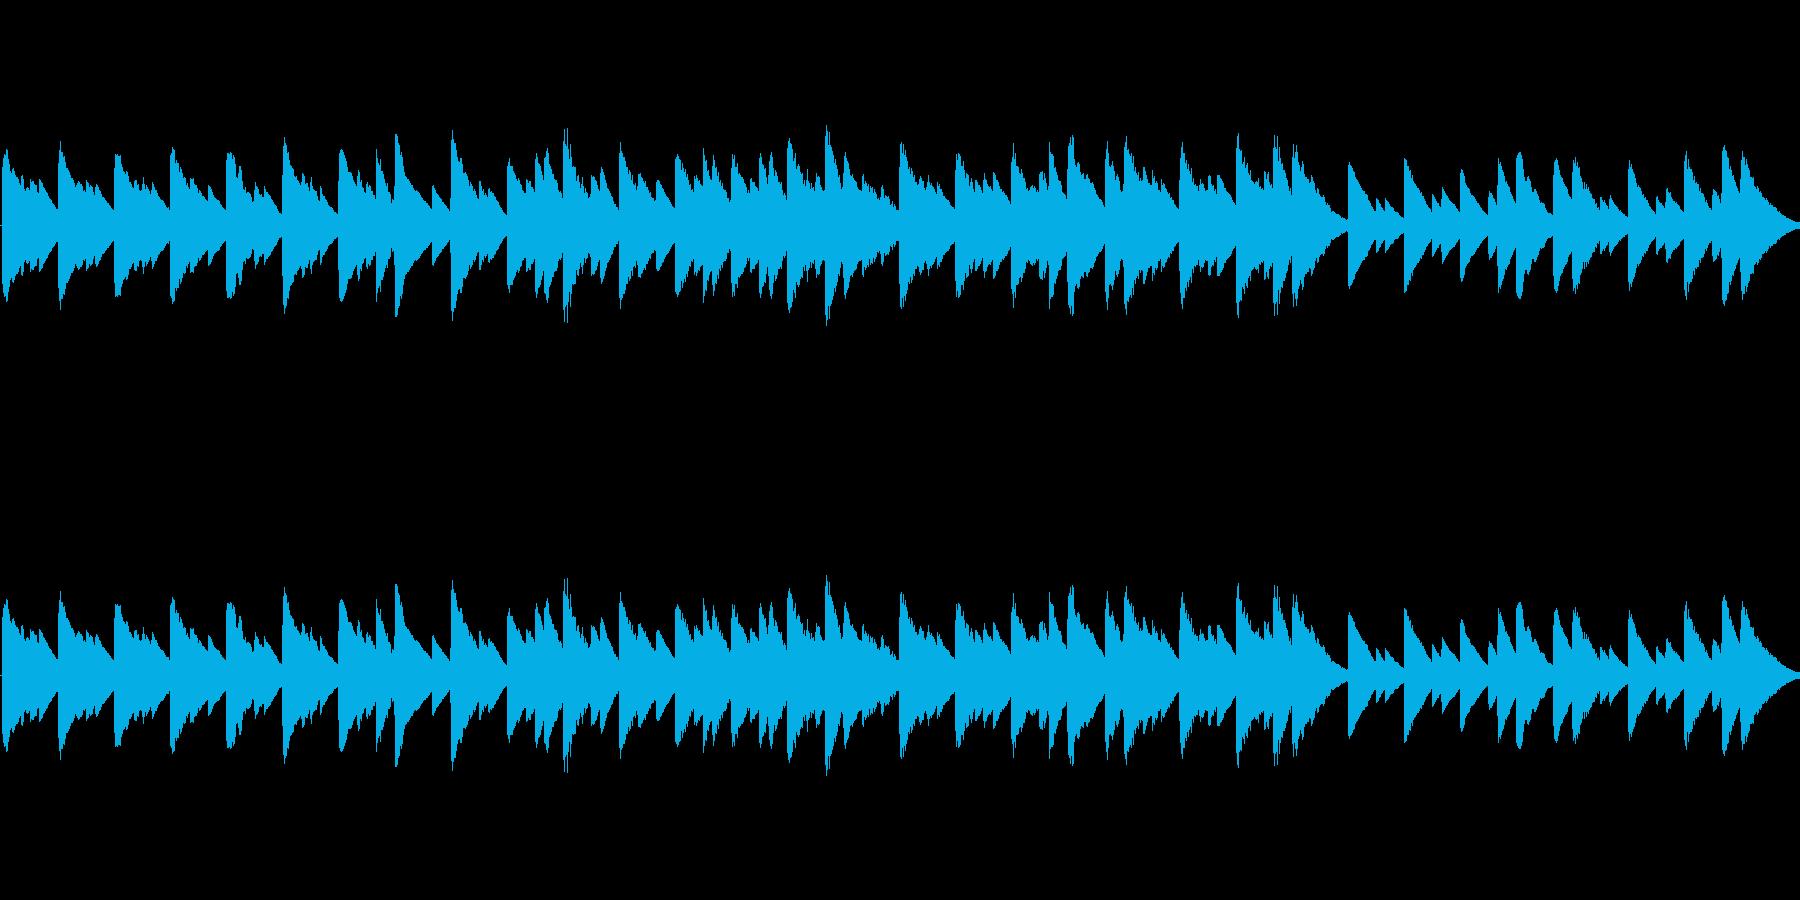 「聖母の御子」のオルゴールアレンジの再生済みの波形